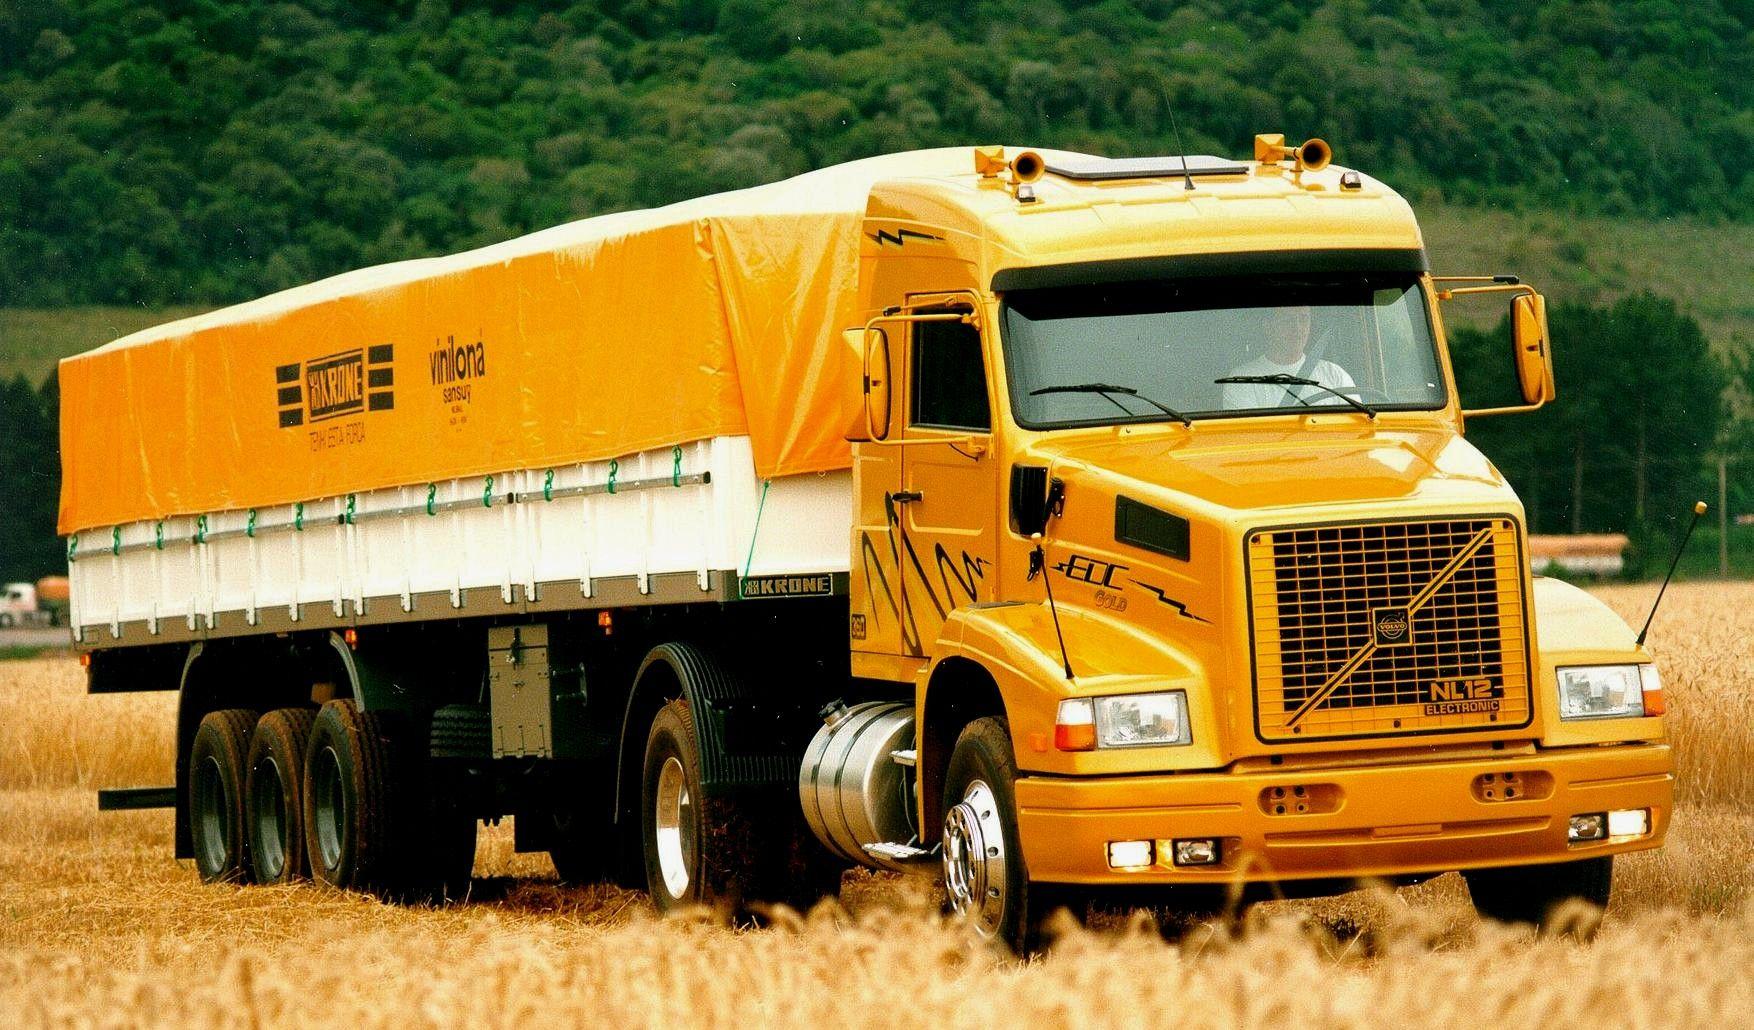 Grandes brasileiros: Volvo NL, bicudo com engenharia brasileira